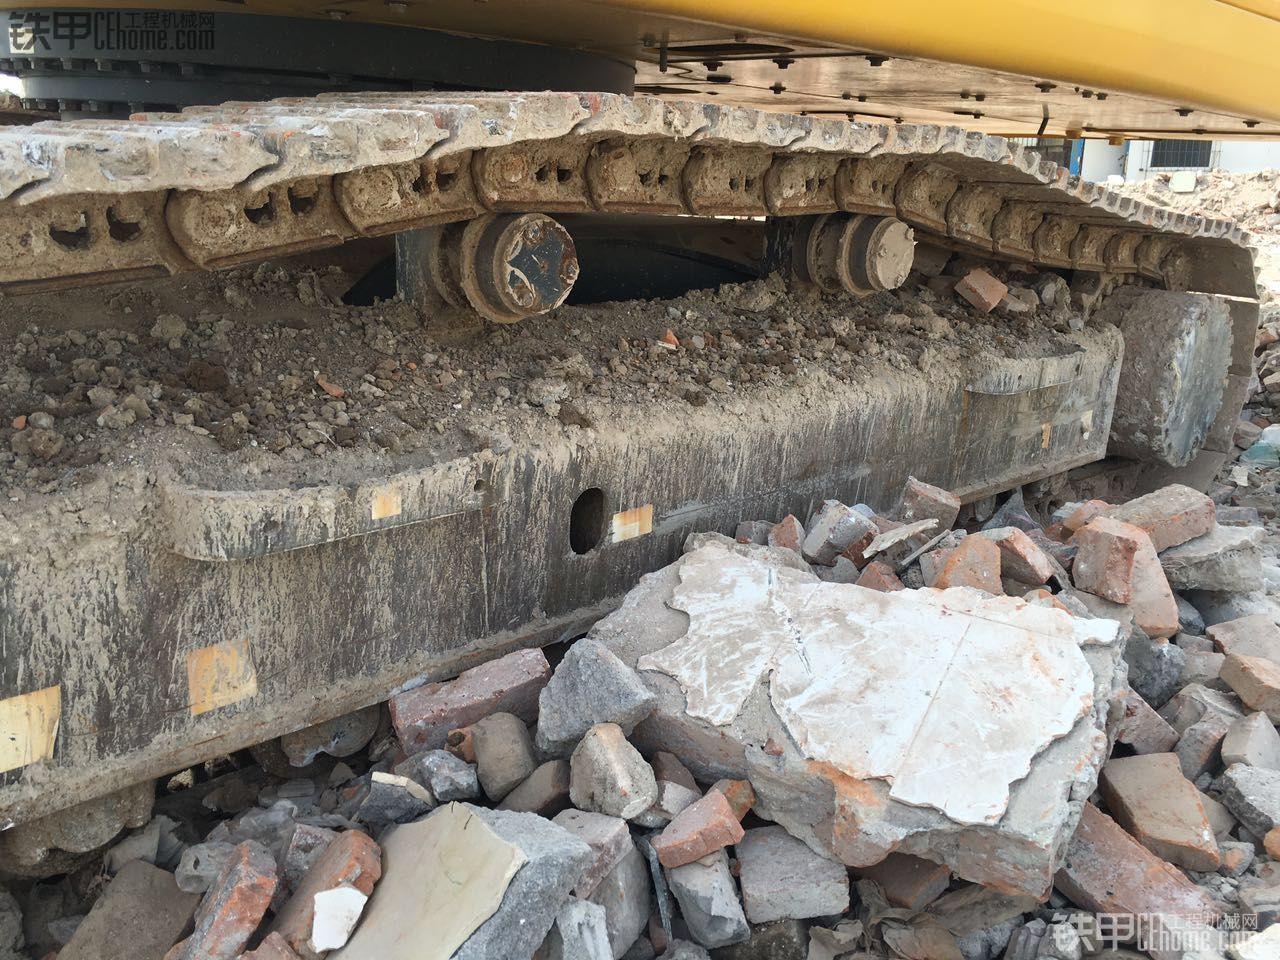 小松 PC300-7 二手挖掘机价格 128万 116小时